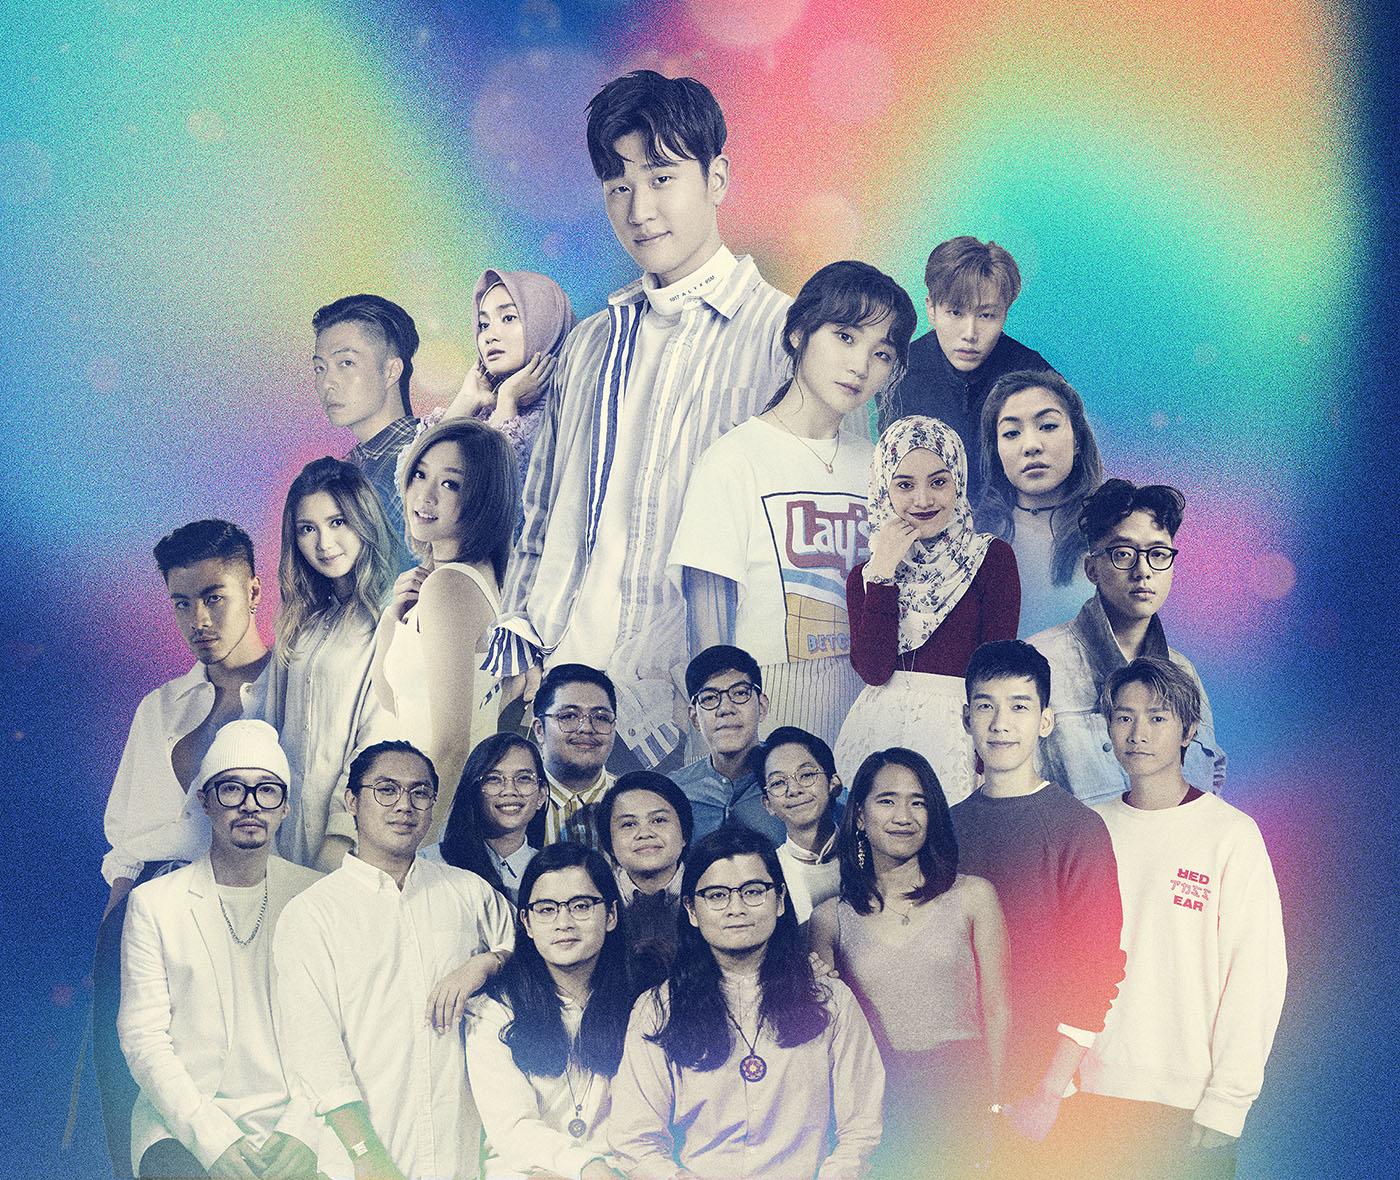 周兴哲携手亚洲群星献爱 跨地域跨语言公益曲《一样美丽_同心版》将捐全版税